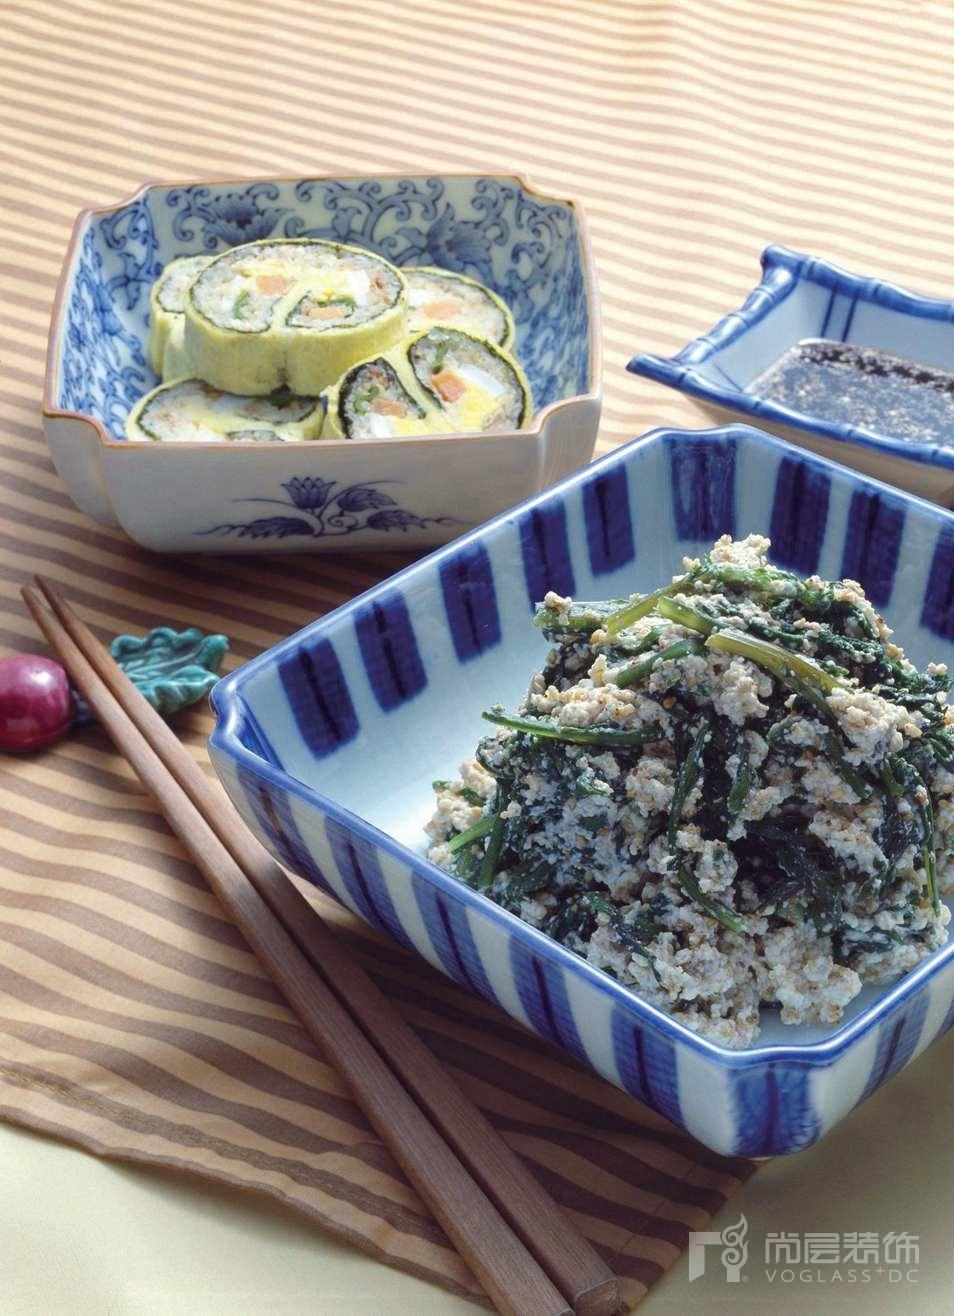 尚层装饰别墅生活野菜美食